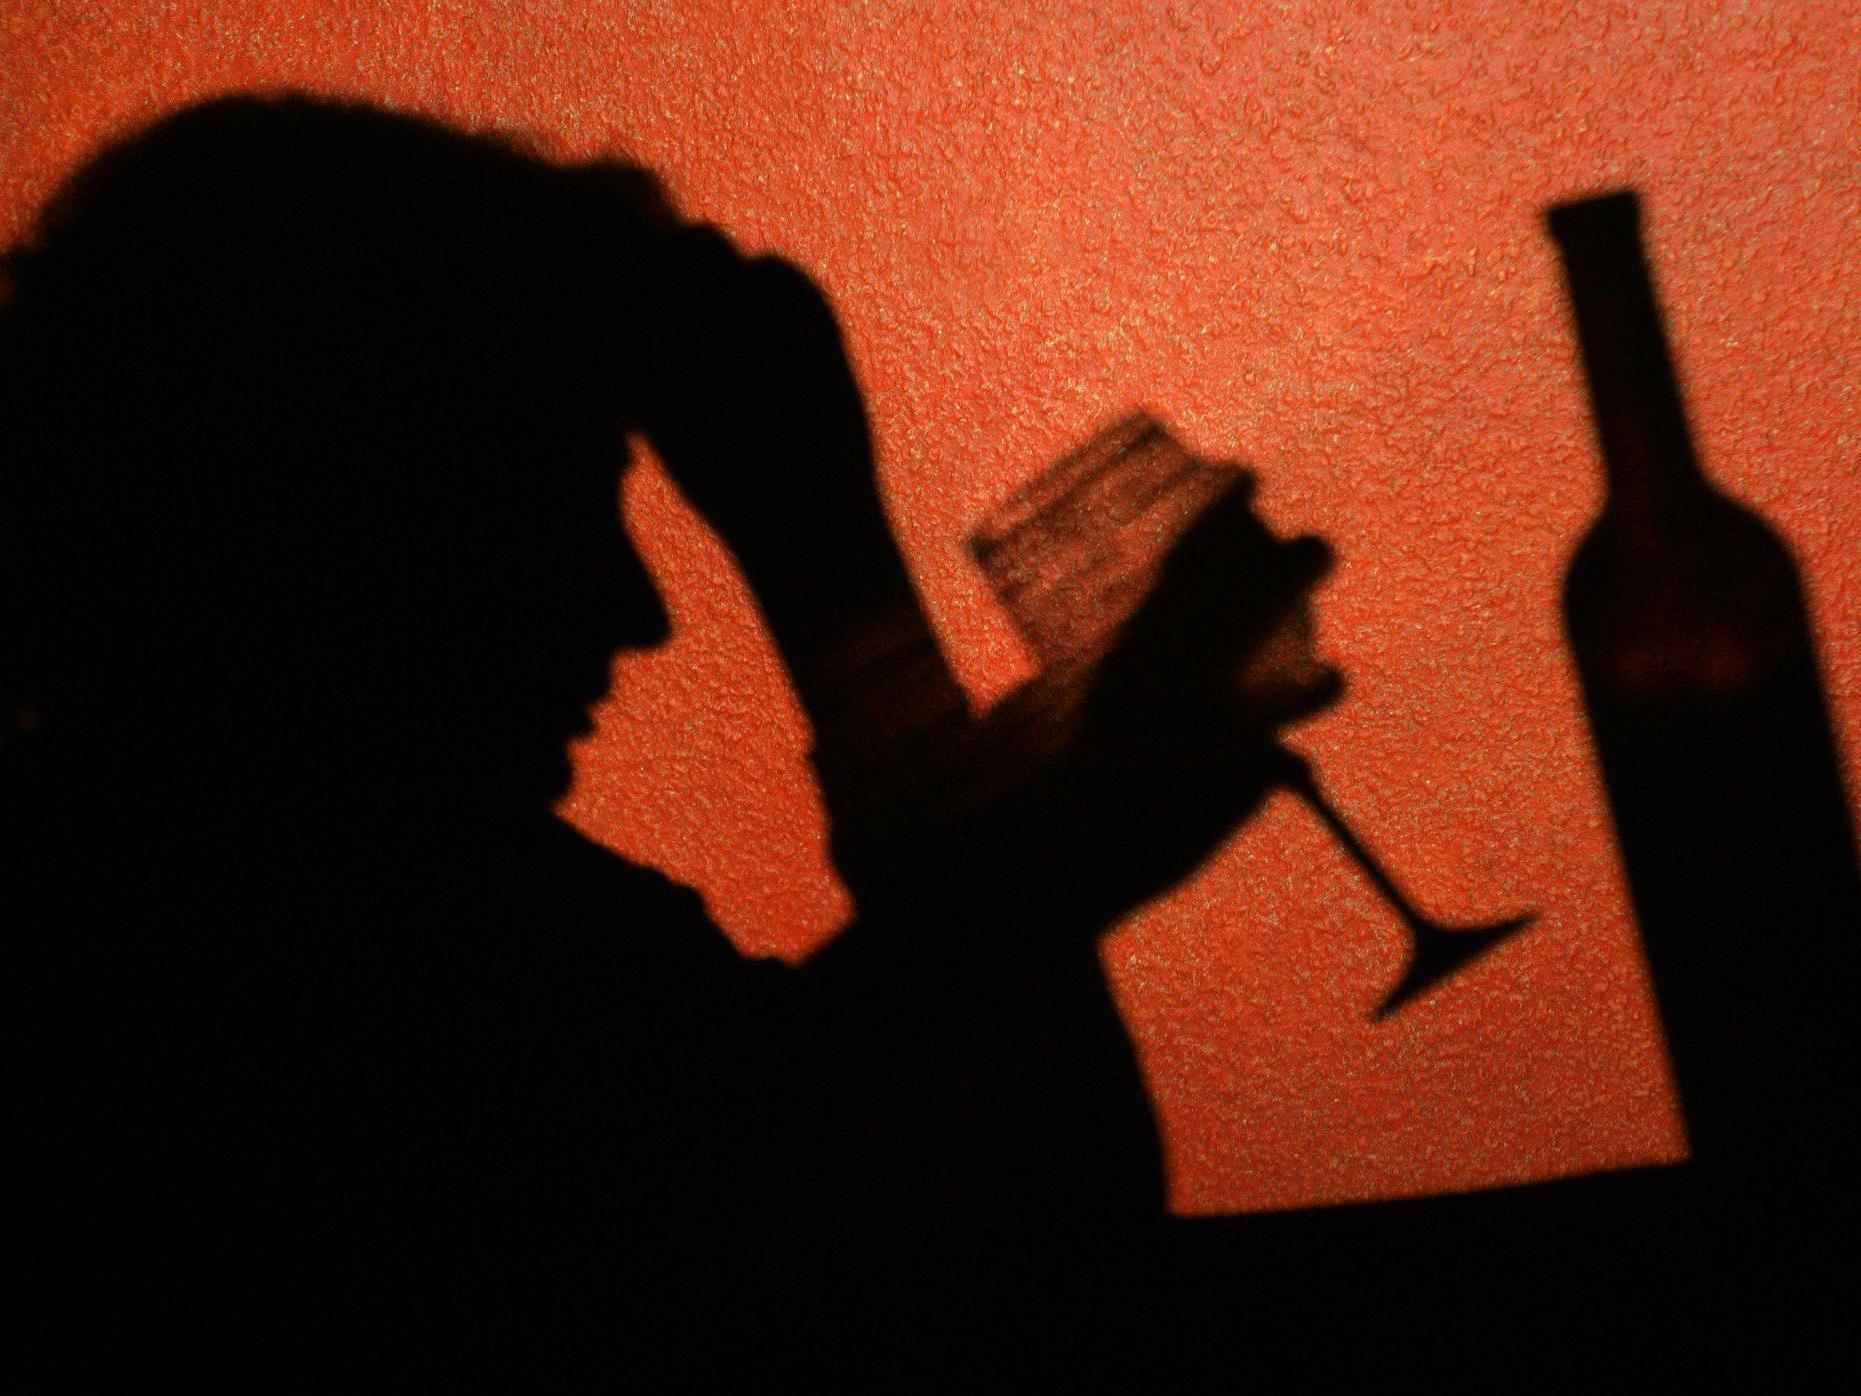 Suchtmittel Monitoring Studie zeigt: Wien hat ein Alkoholproblem